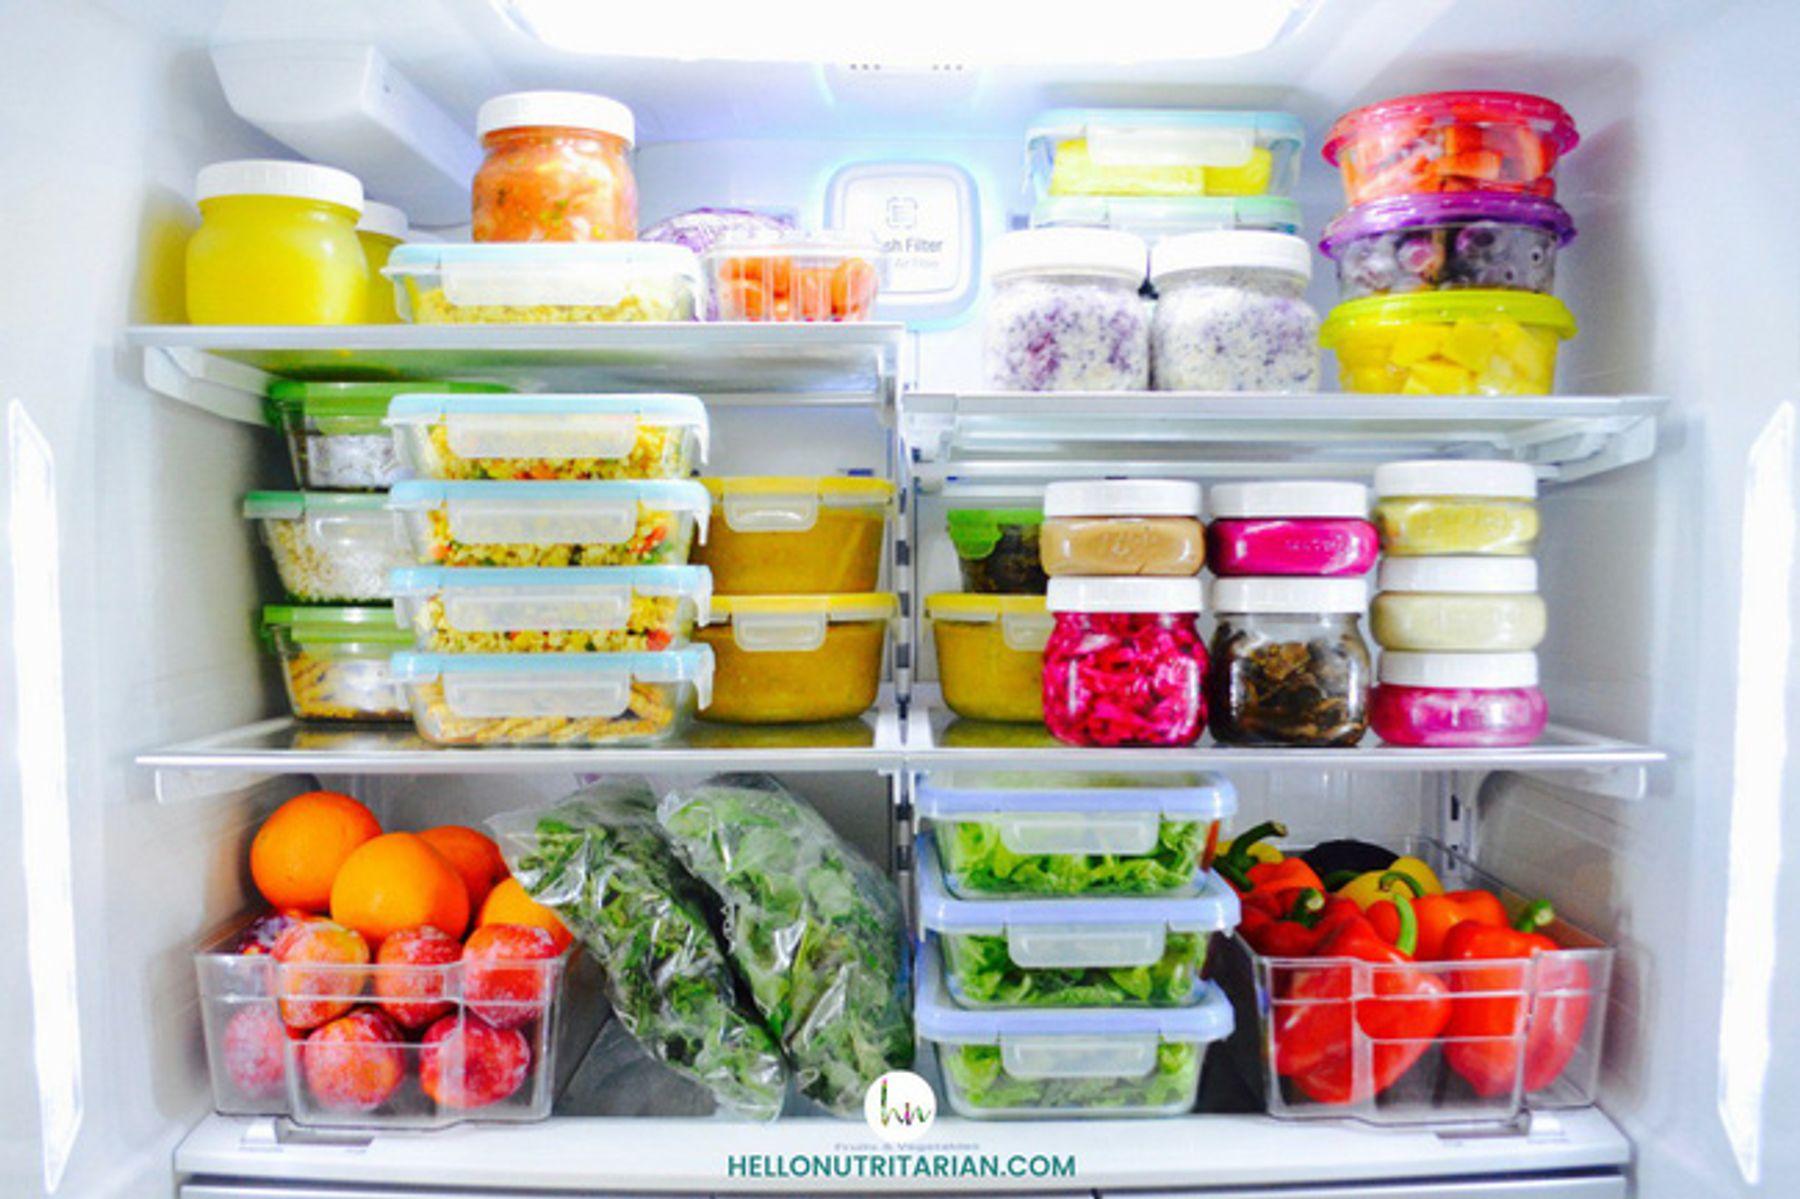 Bảng thời gian bảo quản đồ ăn trong ngăn đá